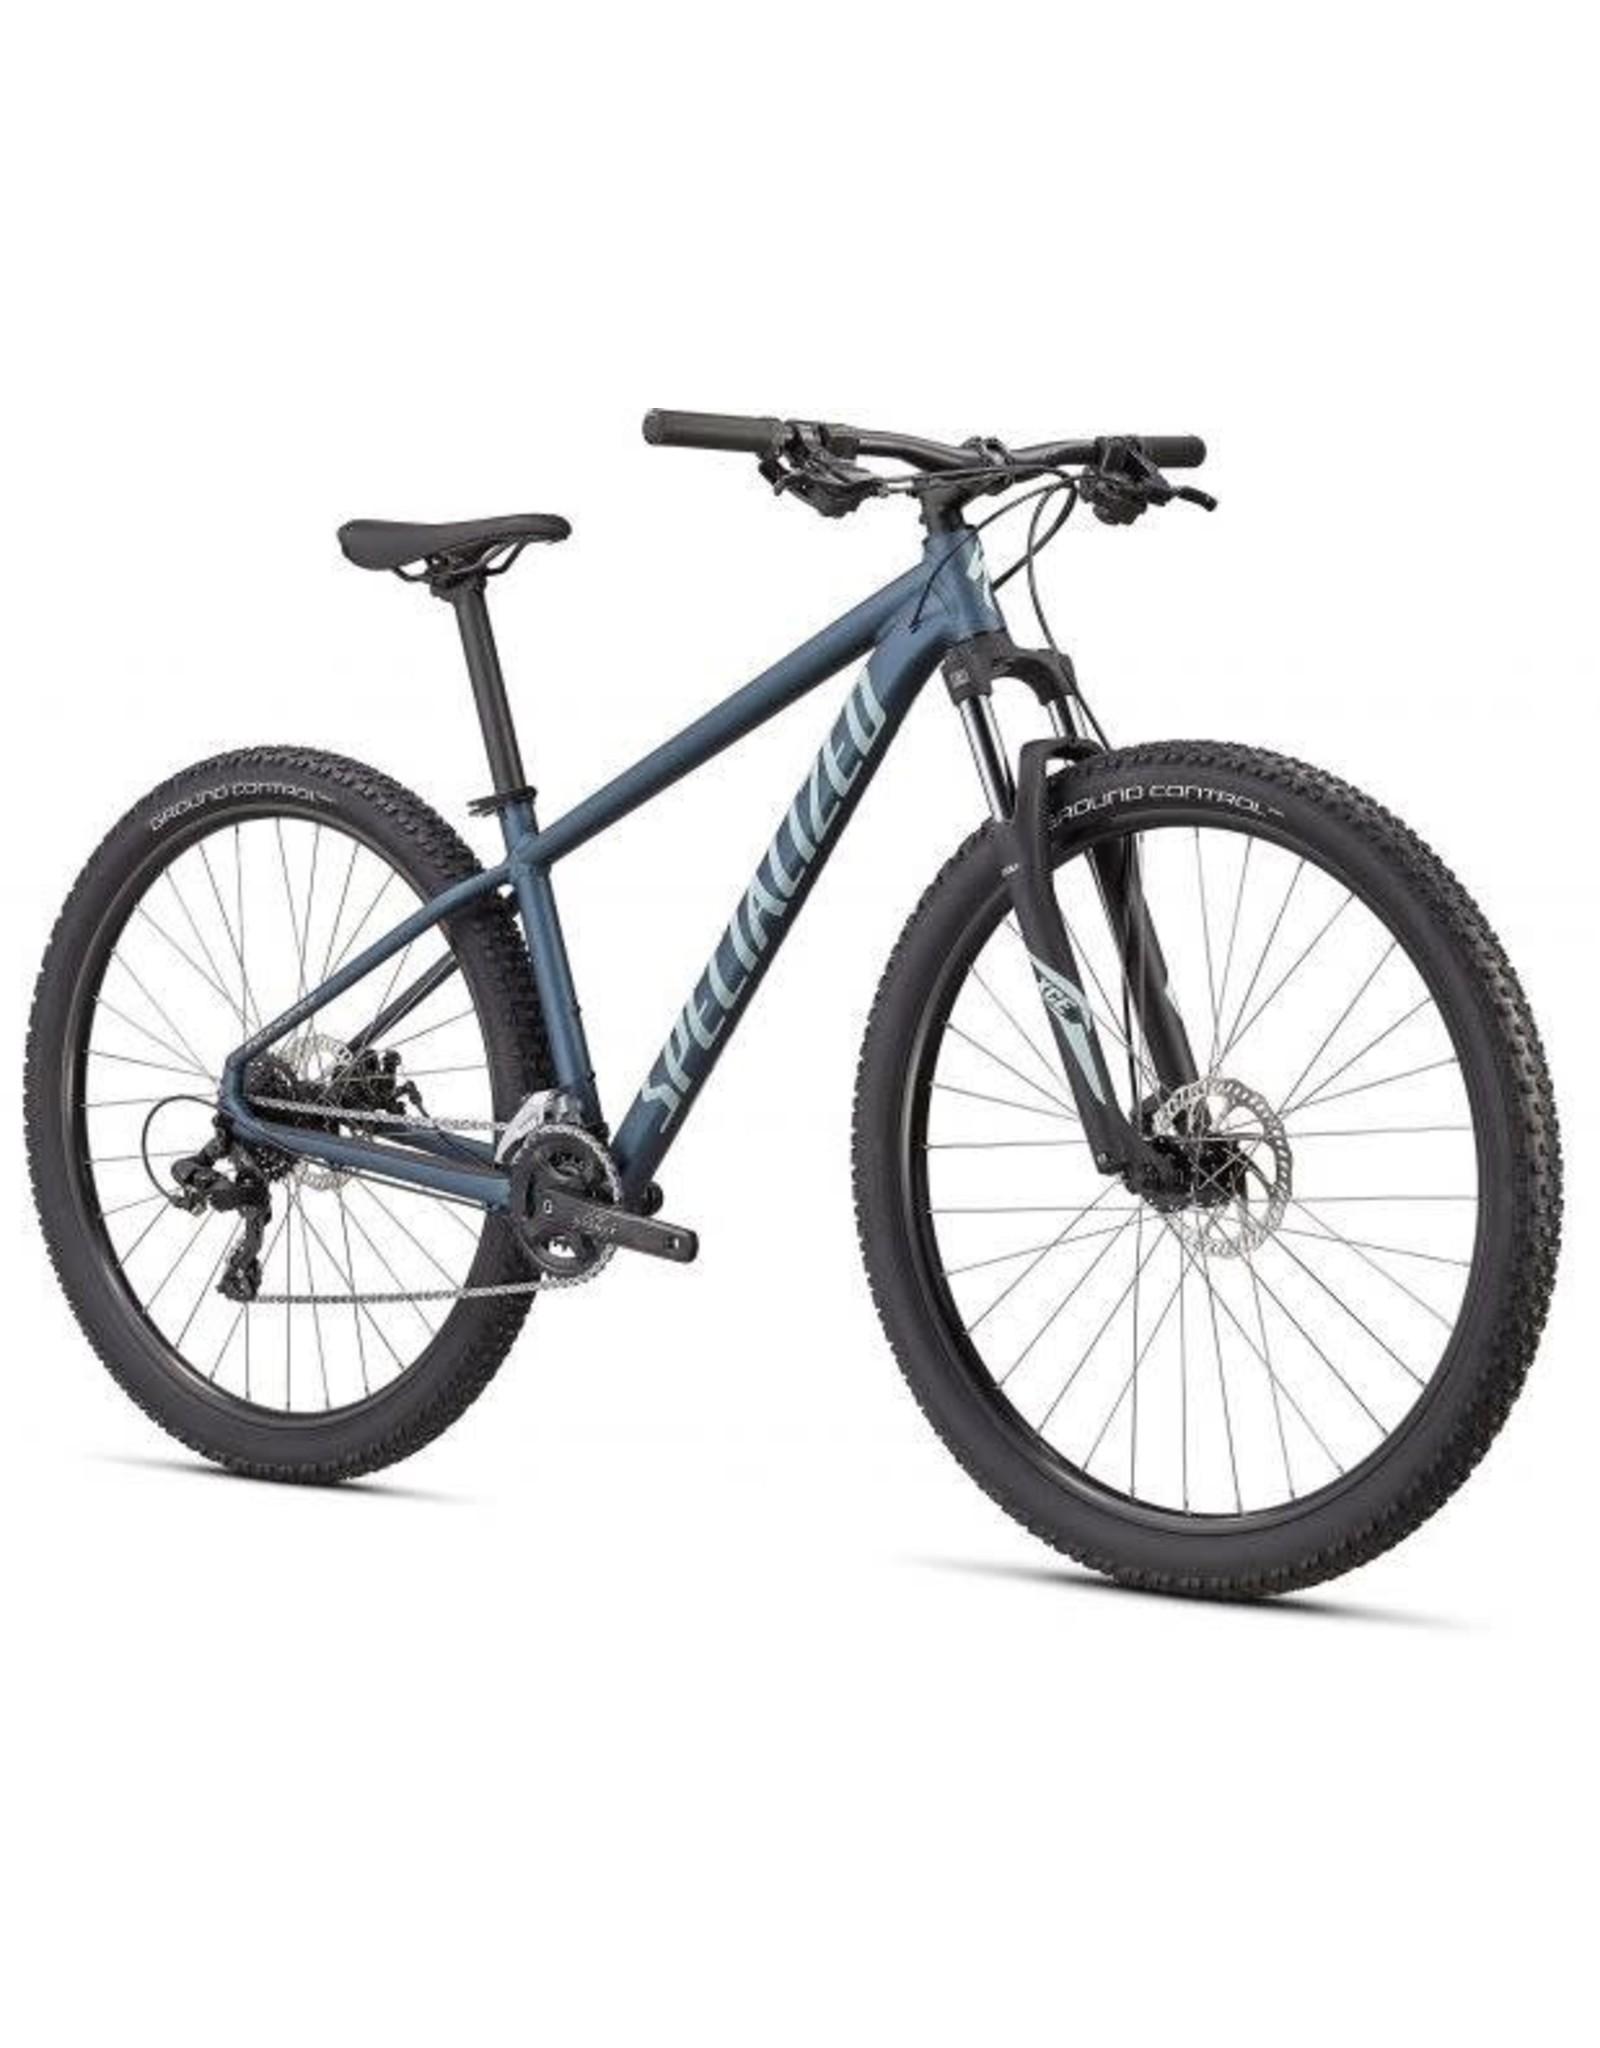 Specialized Specialized Rockhopper 29 Cast Blue Metallic XL 2021